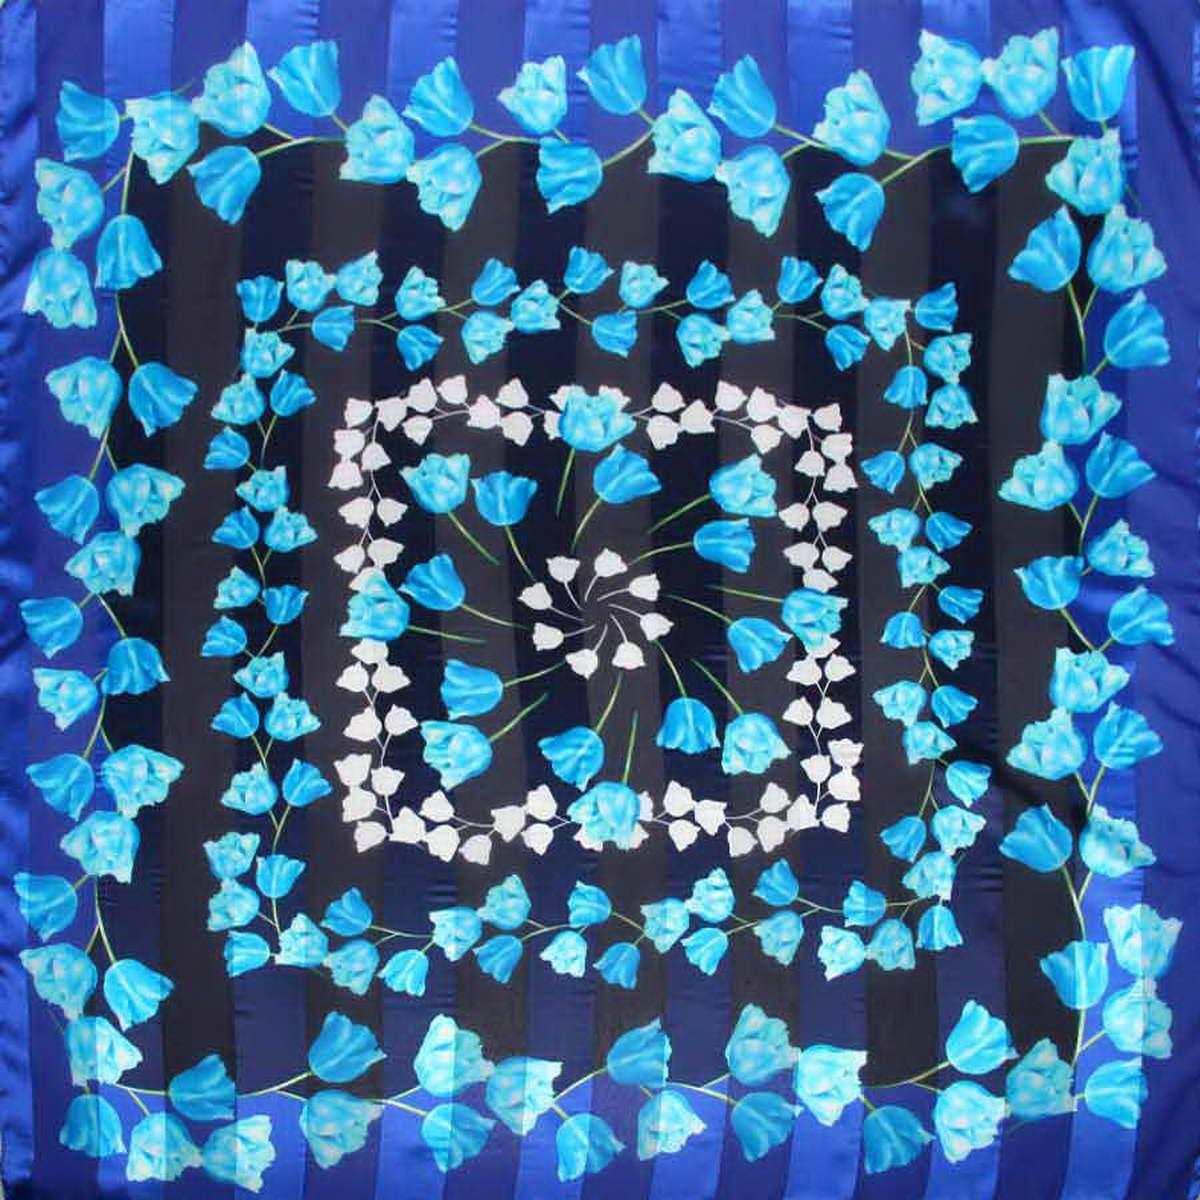 Платок3904972-17Стильный женский платок Venera станет великолепным завершением любого наряда. Платок изготовлен из полиэстера и оформлен цветочным принтом. Классическая квадратная форма позволяет носить платок на шее, украшать им прическу или декорировать сумочку. Легкий и приятный на ощупь платок поможет вам создать изысканный женственный образ. Такой платок превосходно дополнит любой наряд и подчеркнет ваш неповторимый вкус и элегантность.